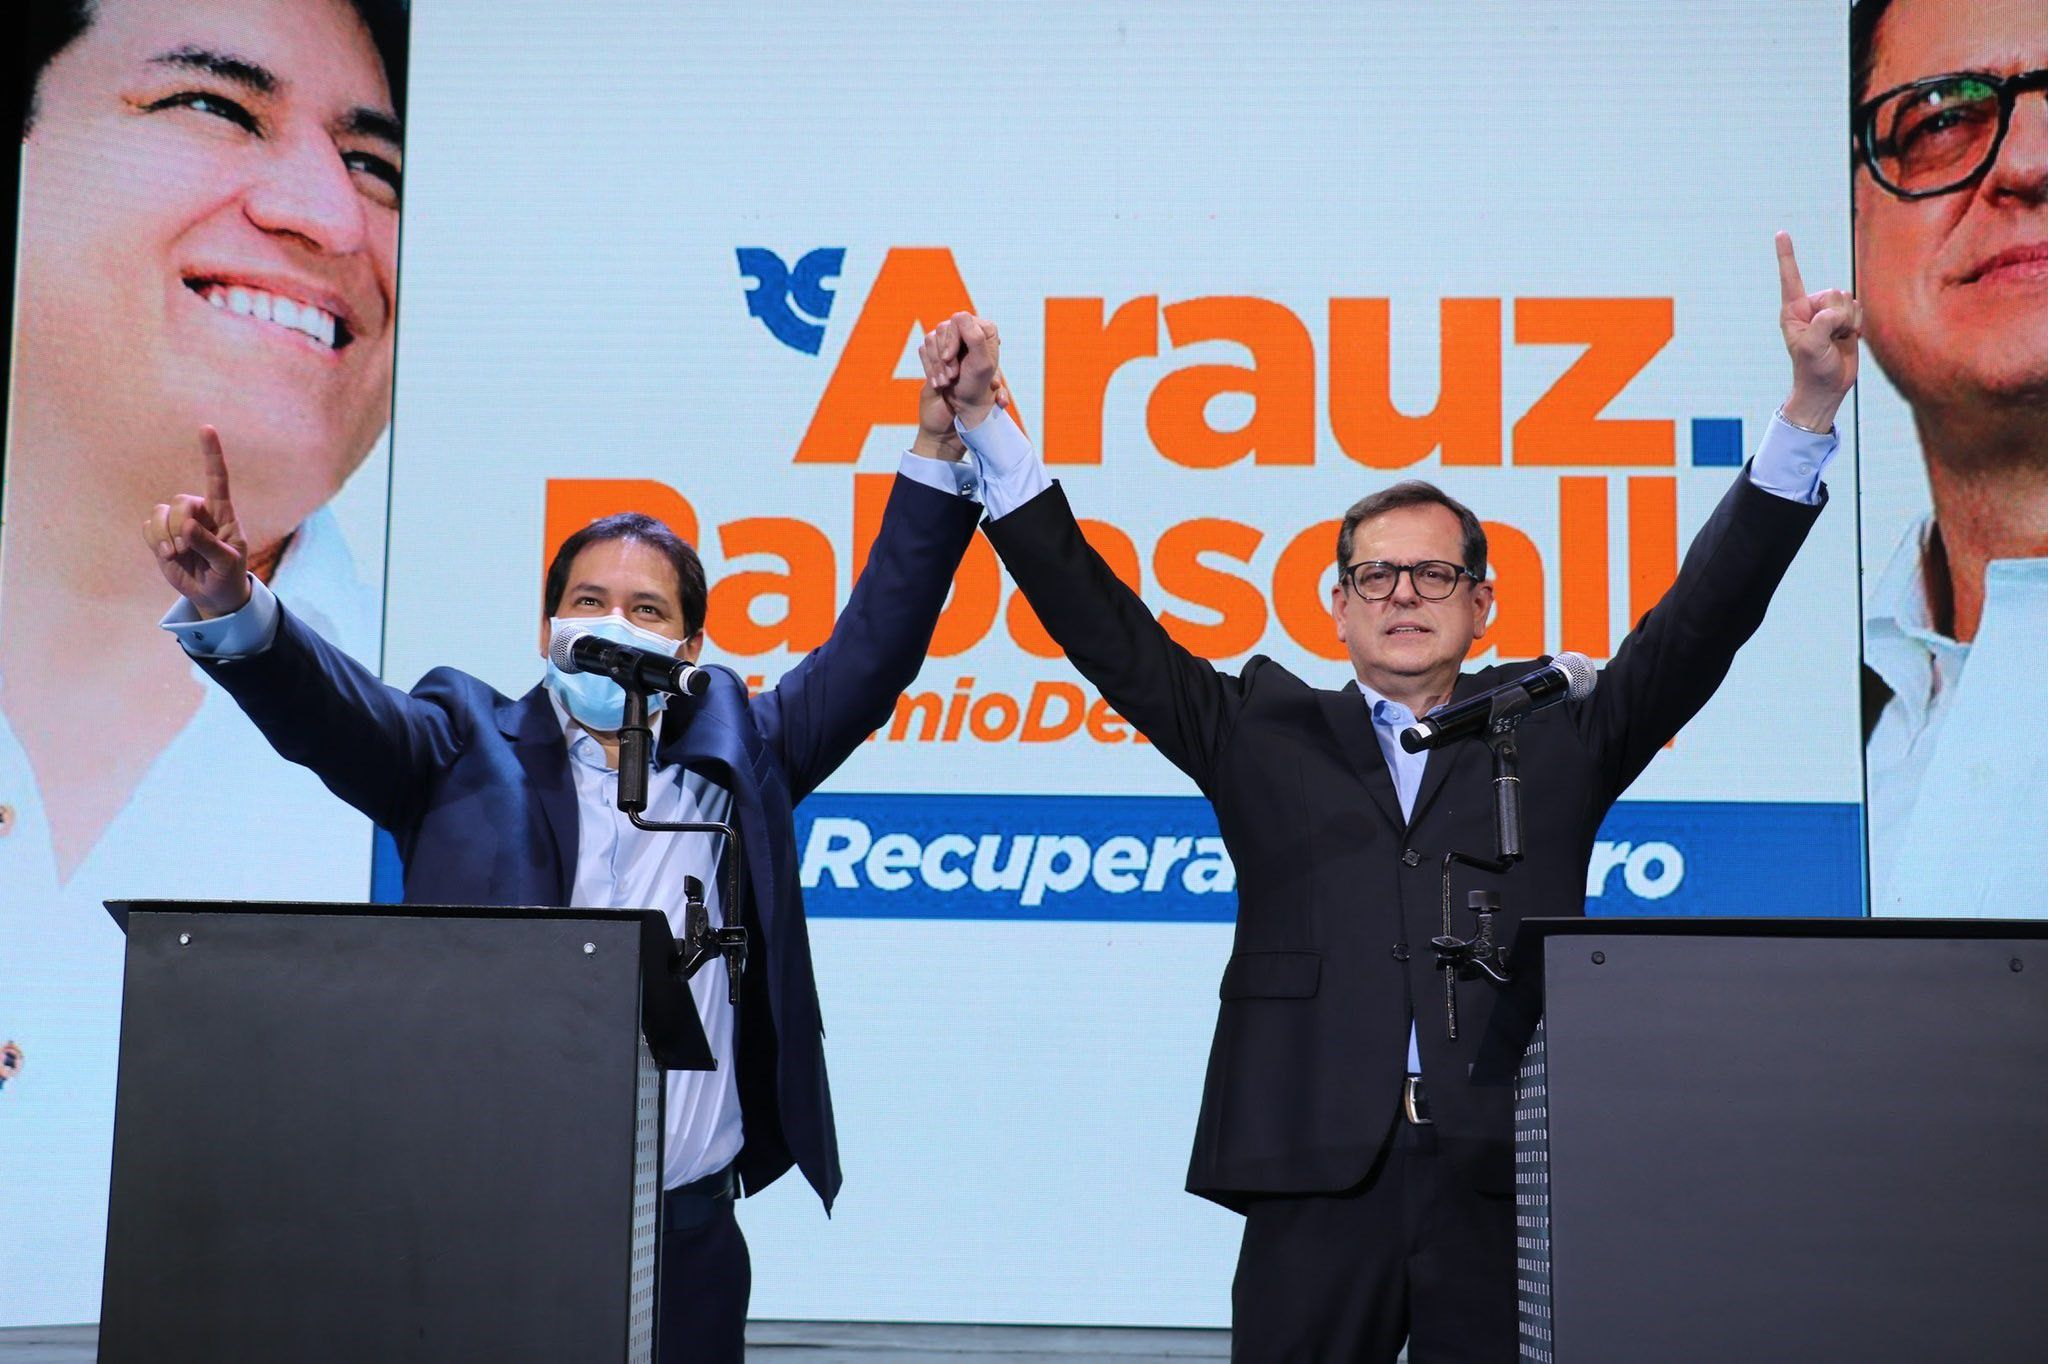 17/09/2020 Andrés Arauz y Carlos Rabascall, candidatos a presidente y vicepresidente de Ecuador, respectivamente, por el partido del expresidente Rafael Correa, Centro Democrático. POLITICA ESPAÑA EUROPA MADRID INTERNACIONAL TWITTER ANDRÉS ARAUZ (@ECUARAUZ)